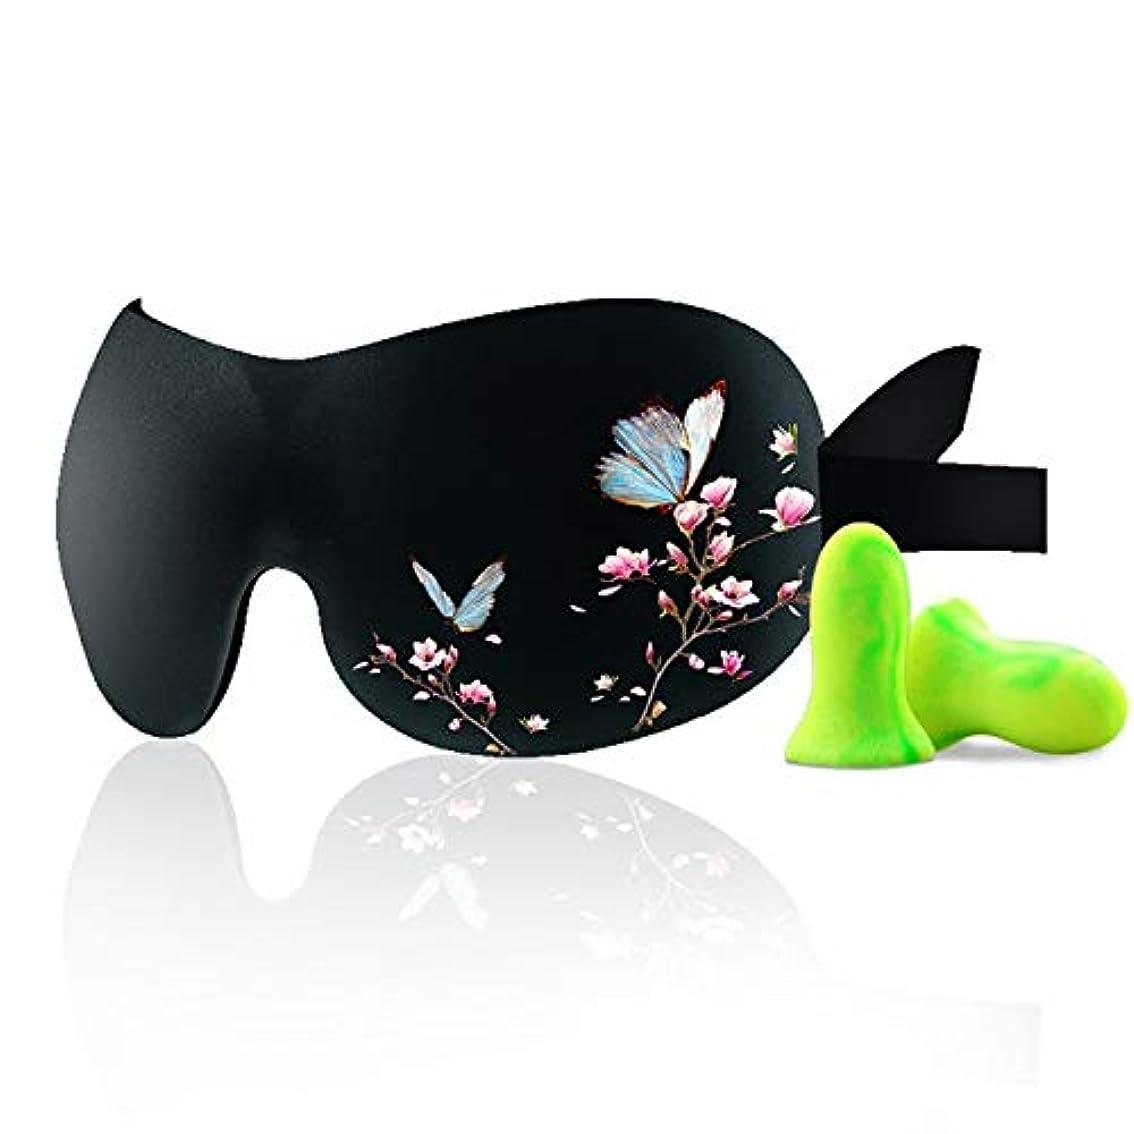 自分のために生き残り抜け目がないNOTE 3D目隠し睡眠アイシェード花/羊/表現かわいいデザインアイマスク付きアンチノイズイヤホン